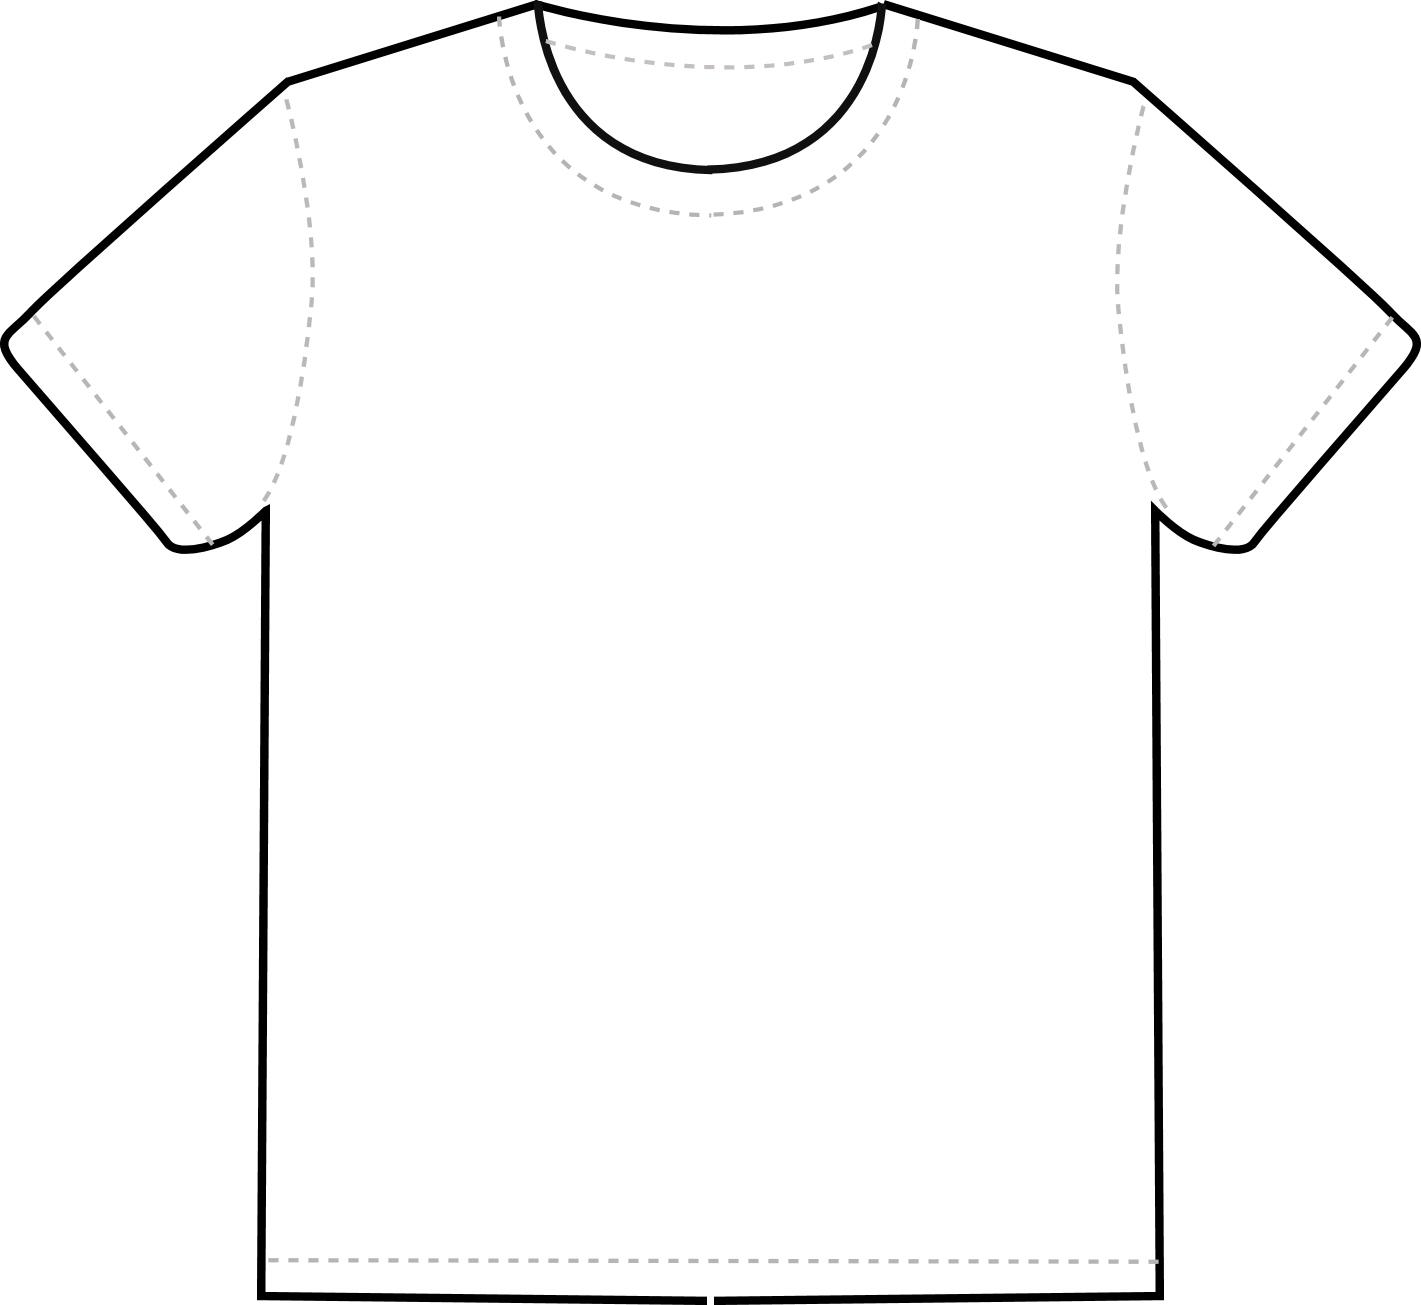 T Shirt Template Free - ClipArt Best